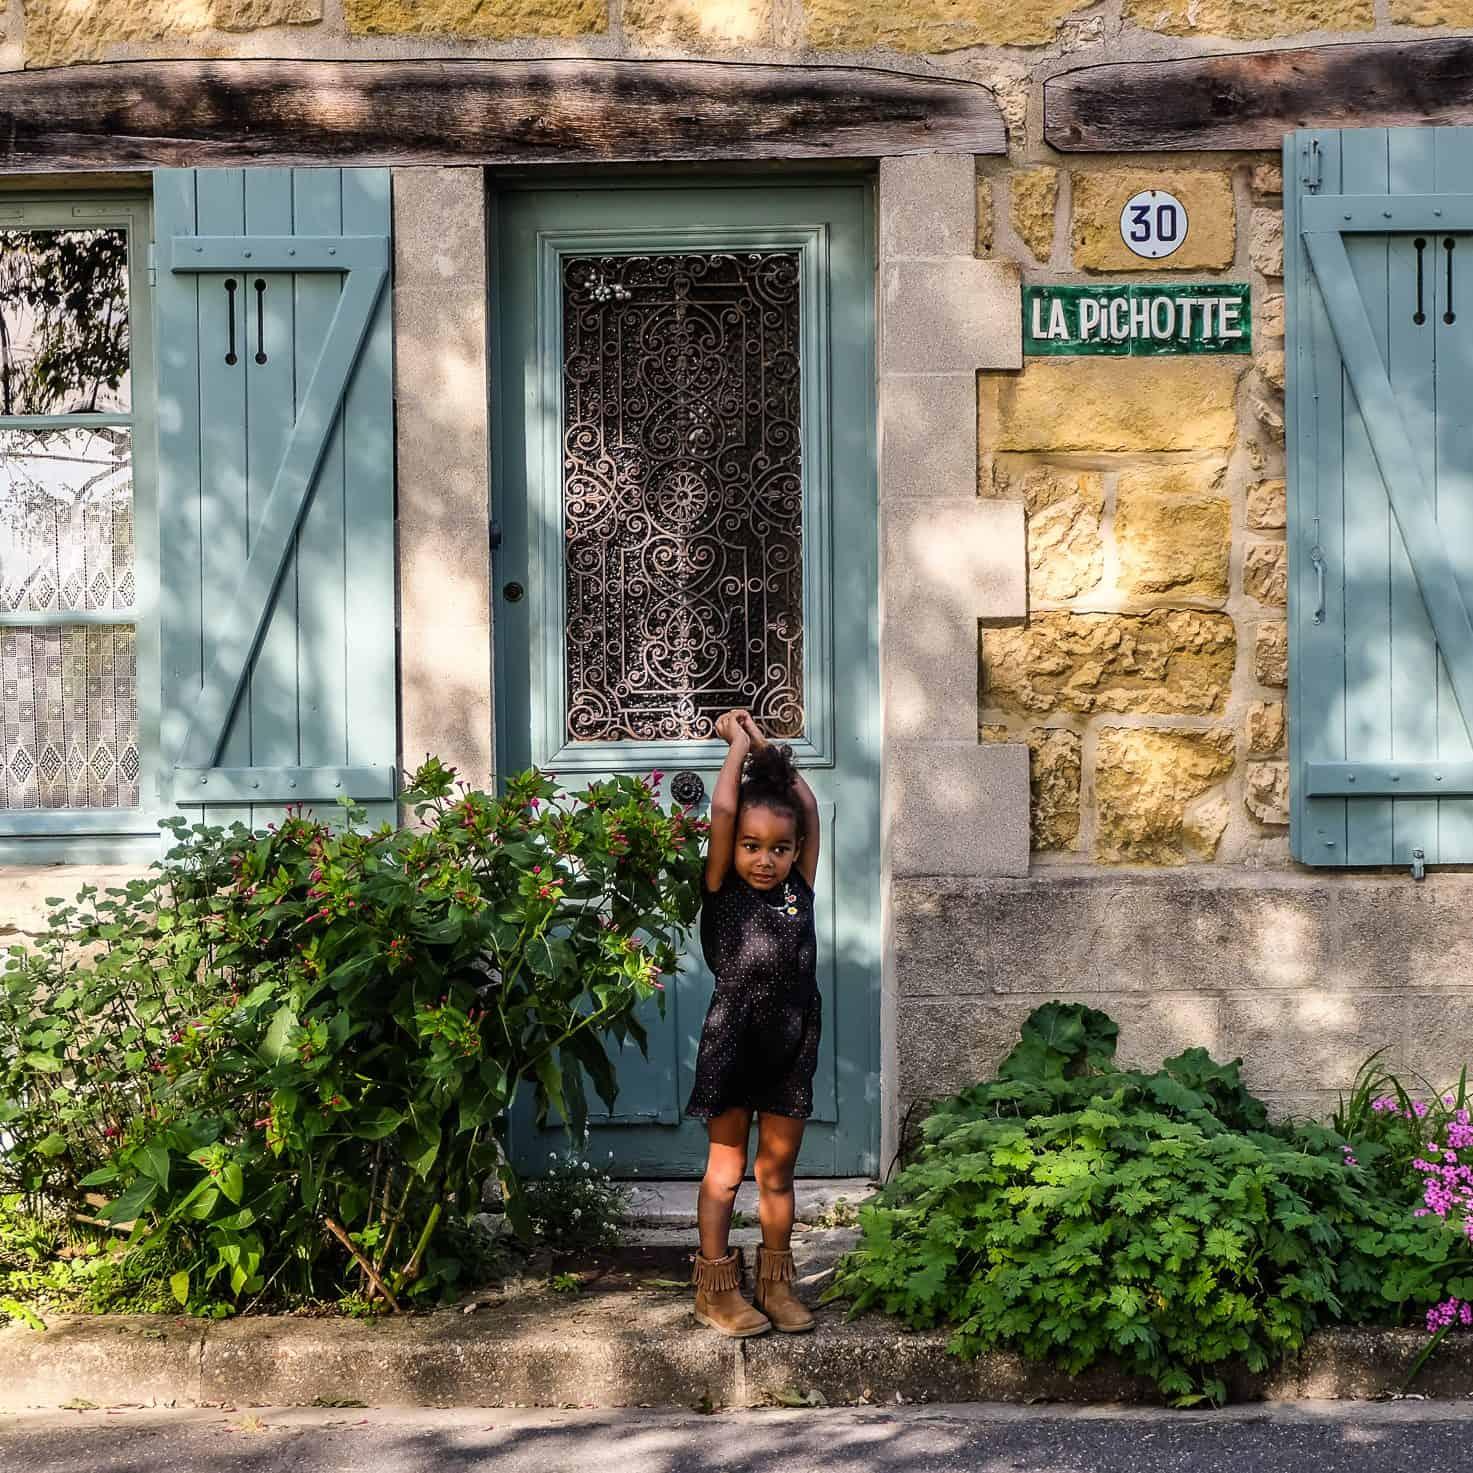 visiter-auvers-sur-oise-balade-proche-paris-33